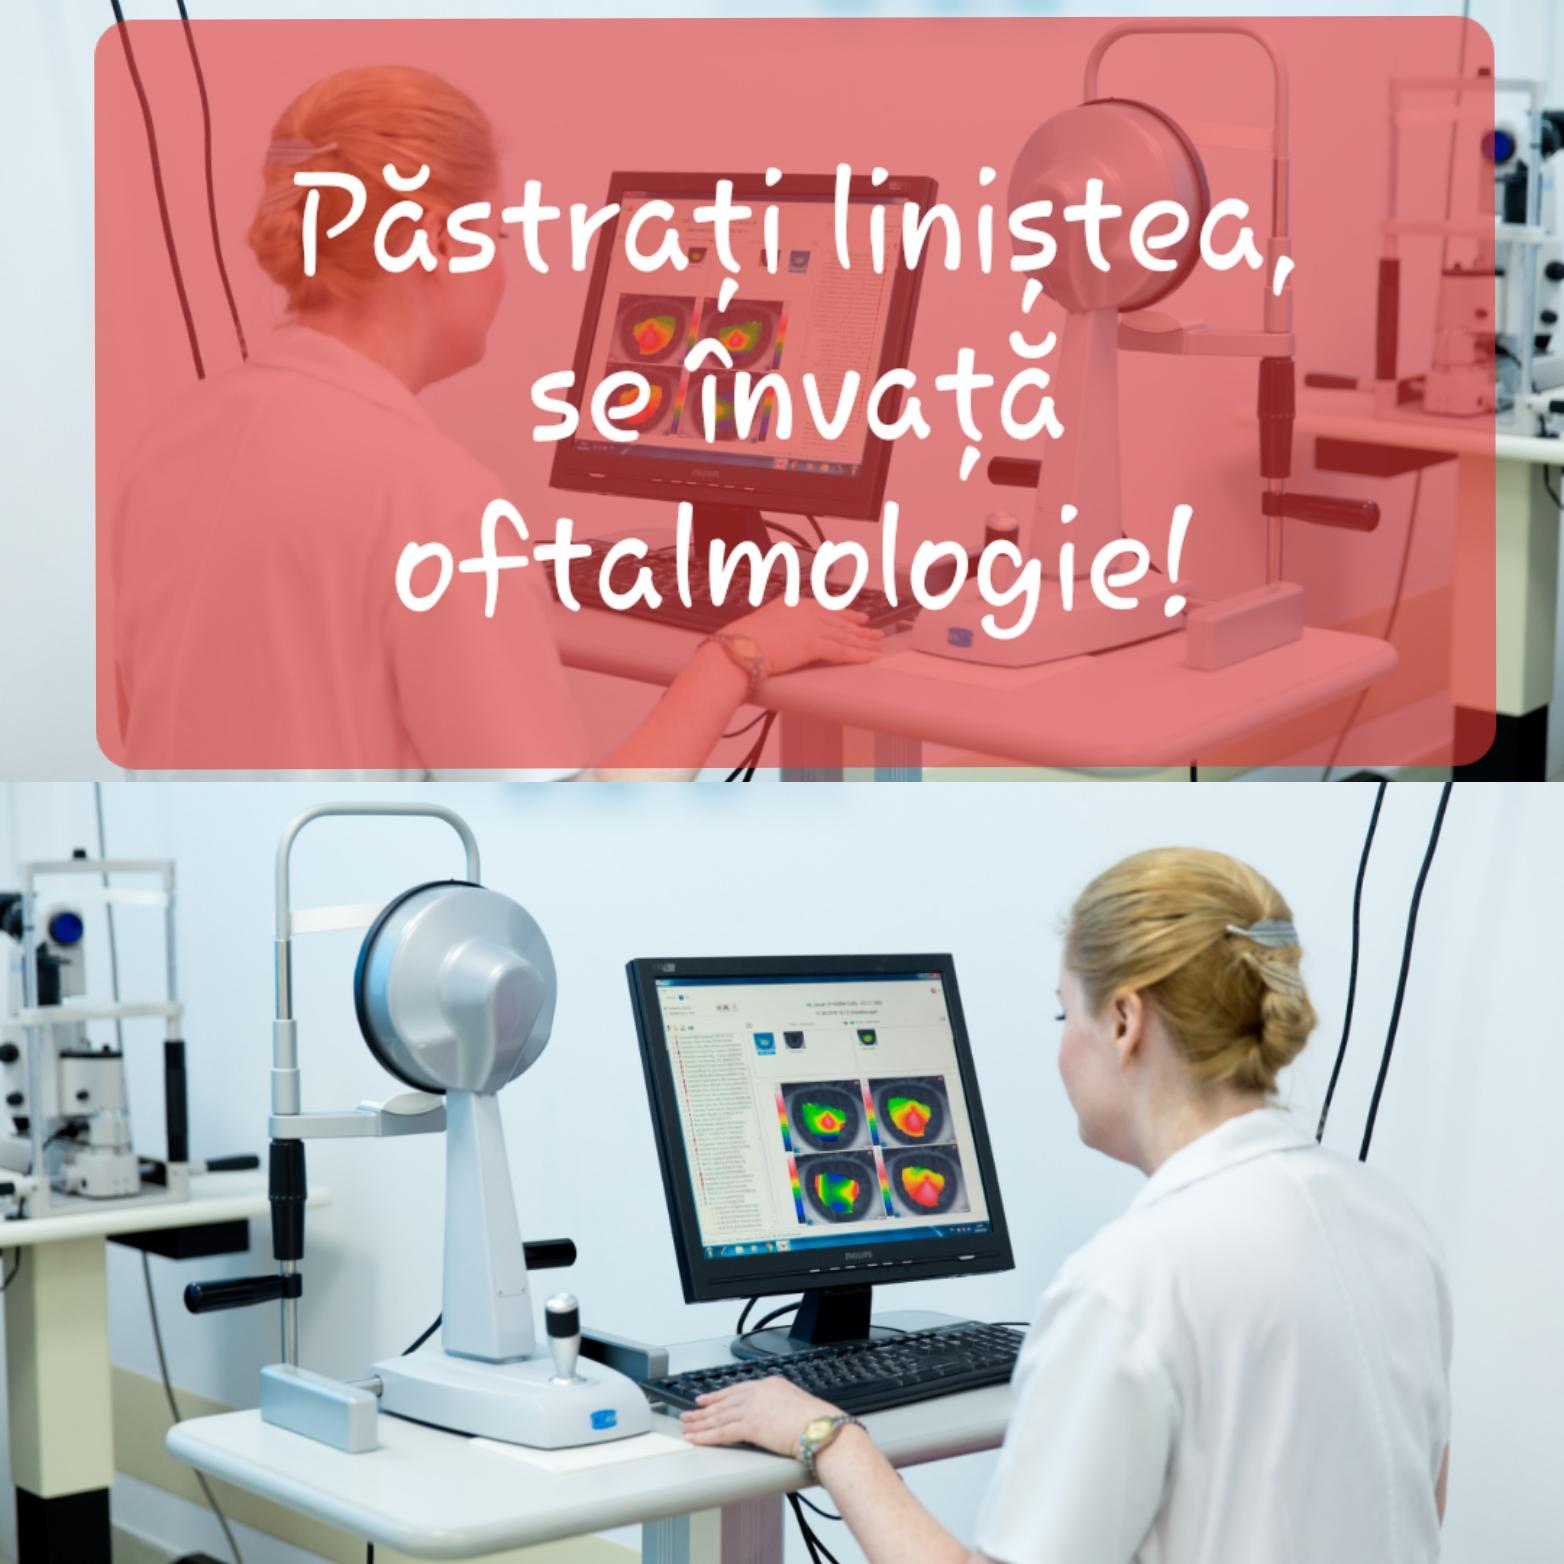 Dear pacient, be patient!